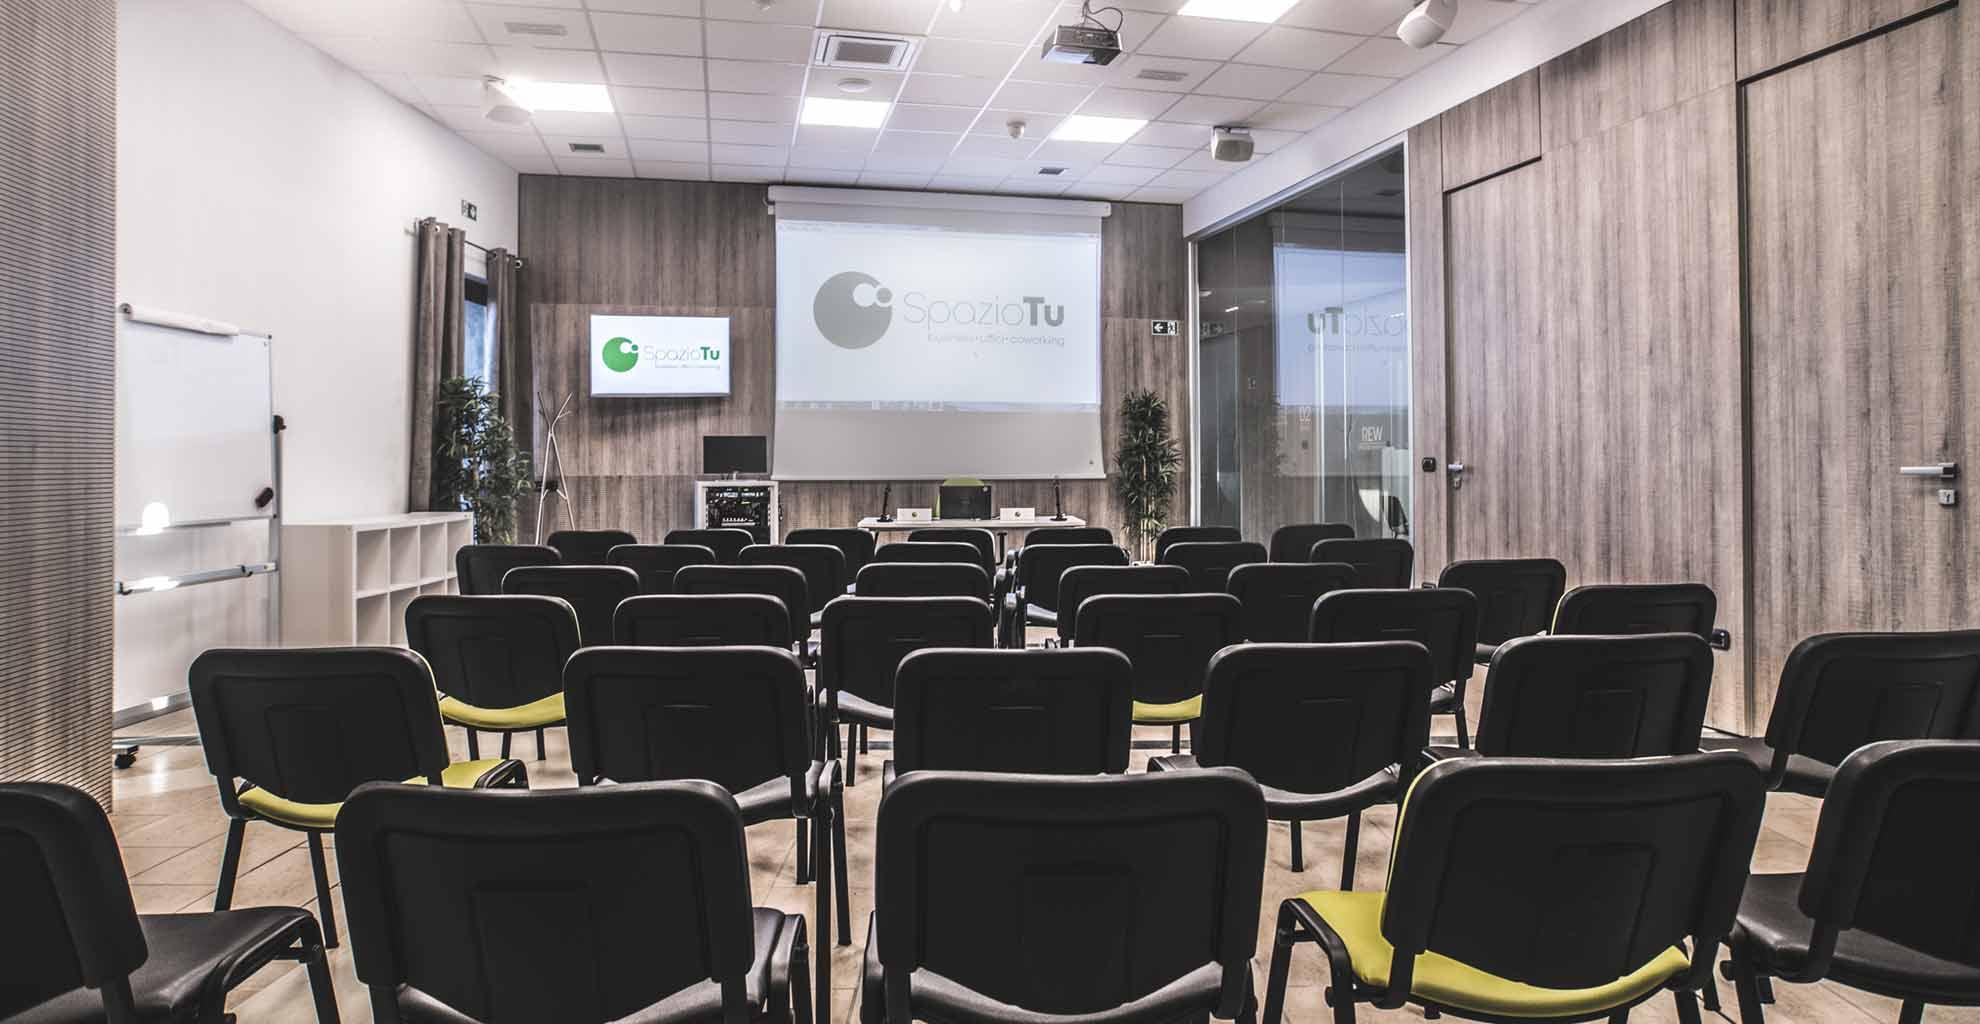 Riunioni, incontri, presentazioni